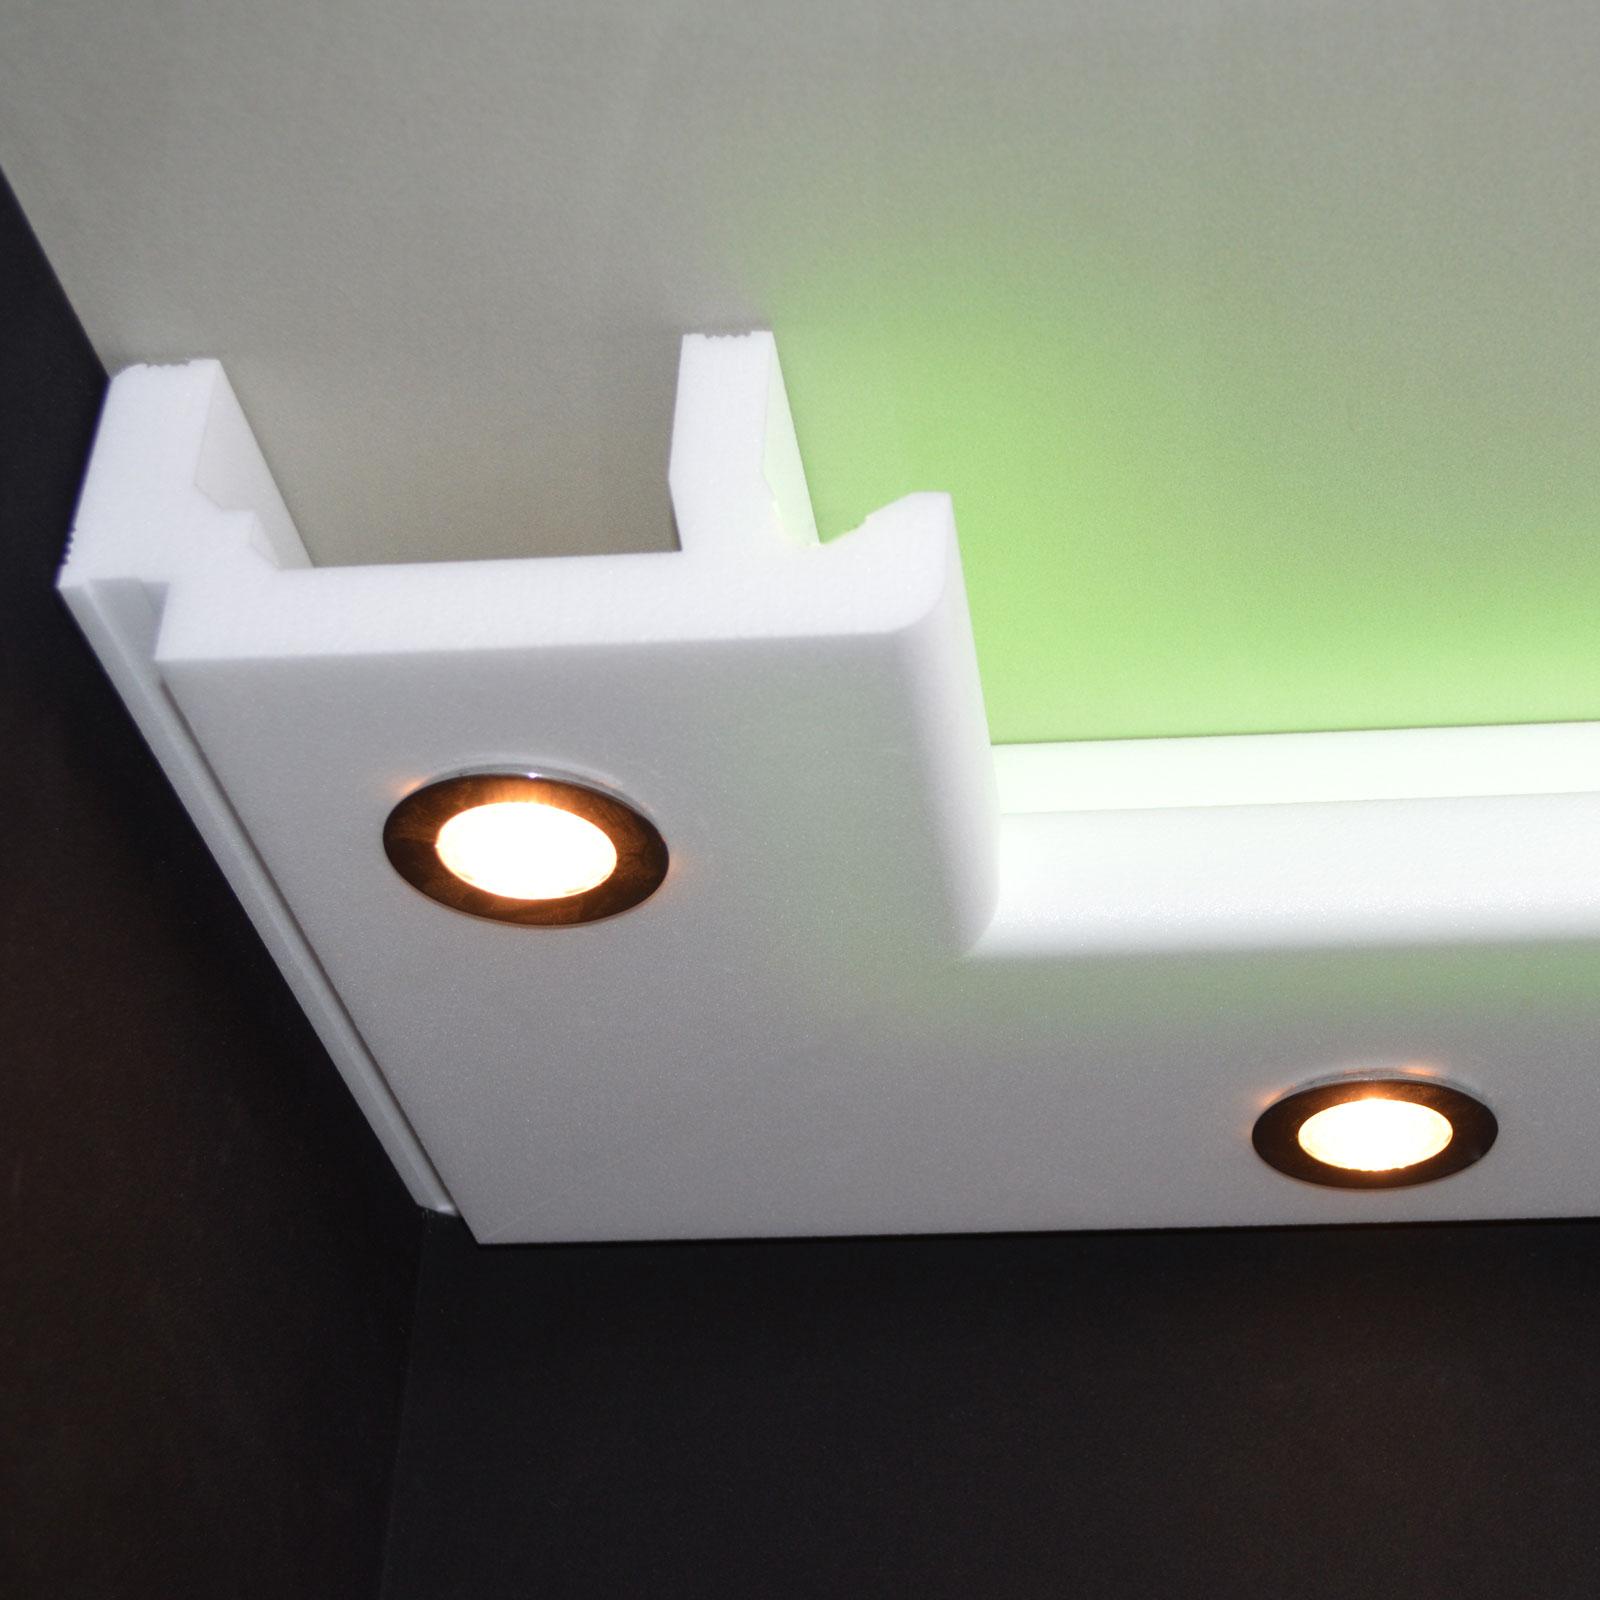 Full Size of Indirekte Beleuchtung Decke Deckenlampen Für Wohnzimmer Deckenleuchten Küche Spiegelschrank Bad Mit Deckenlampe Deckenleuchte Schlafzimmer Tagesdecke Bett Wohnzimmer Indirekte Beleuchtung Decke